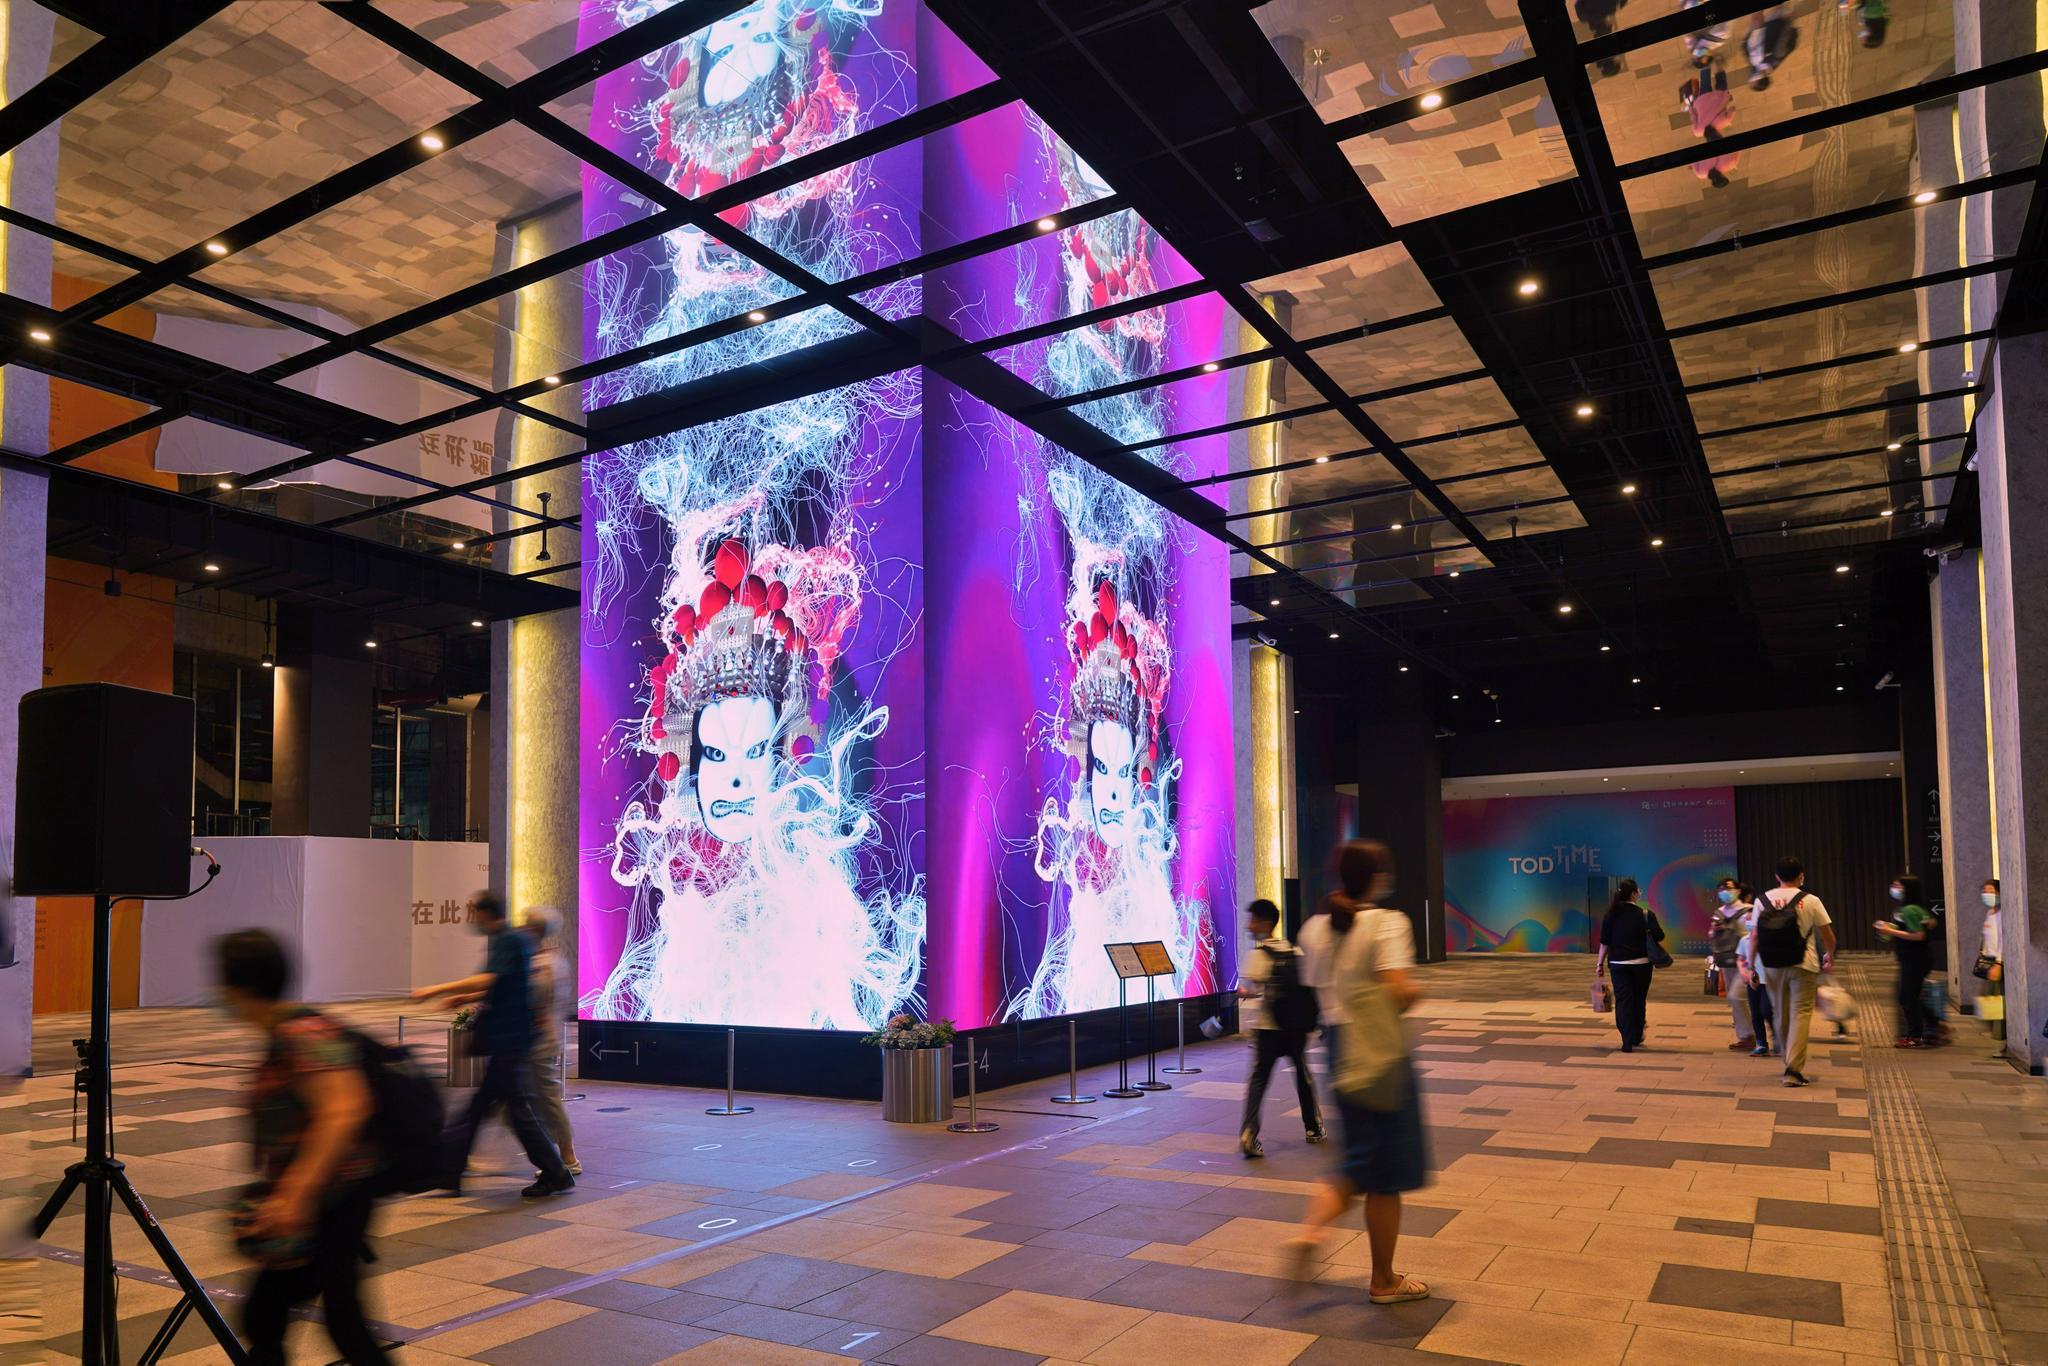 威尼斯双年展参展作品《中华武魂》登陆TODTIME时间廊